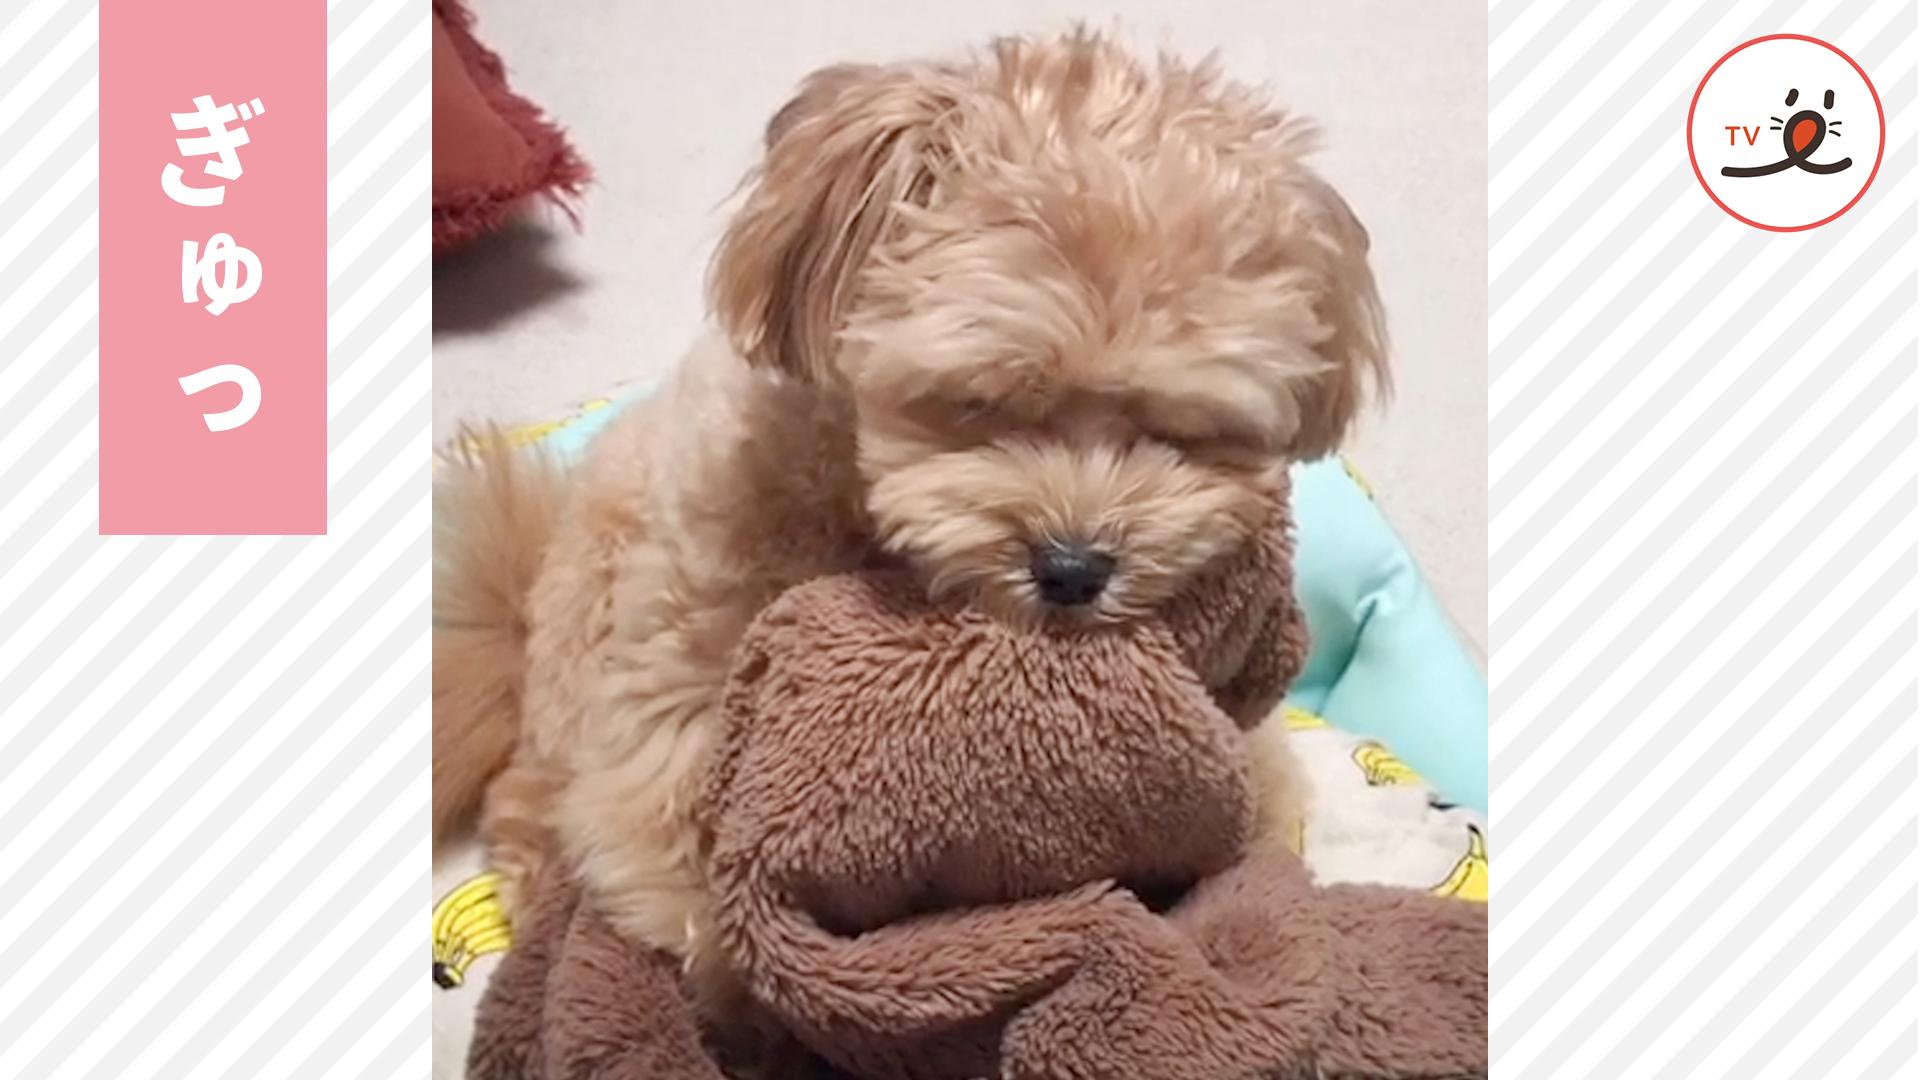 毛布をぎゅっと抱えて寝そうになるワンコが可愛すぎる😍🐶